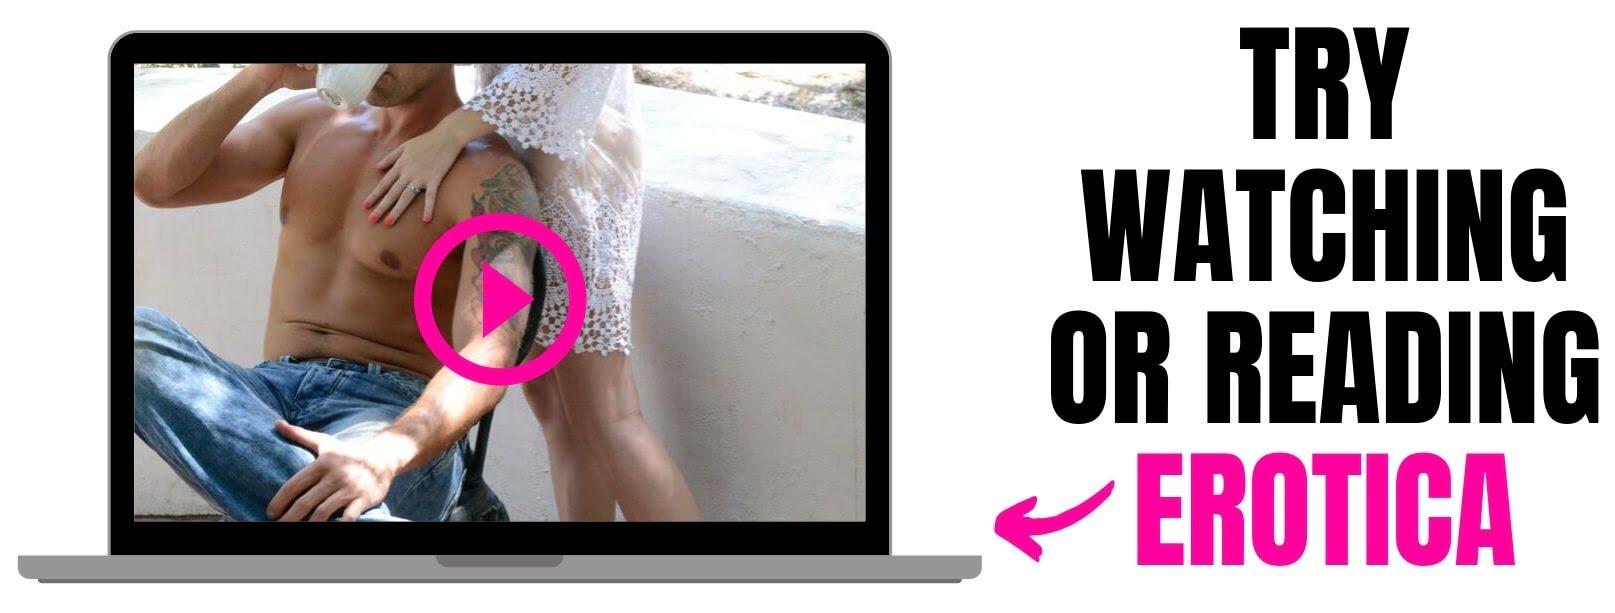 laptop playing an erotic scene